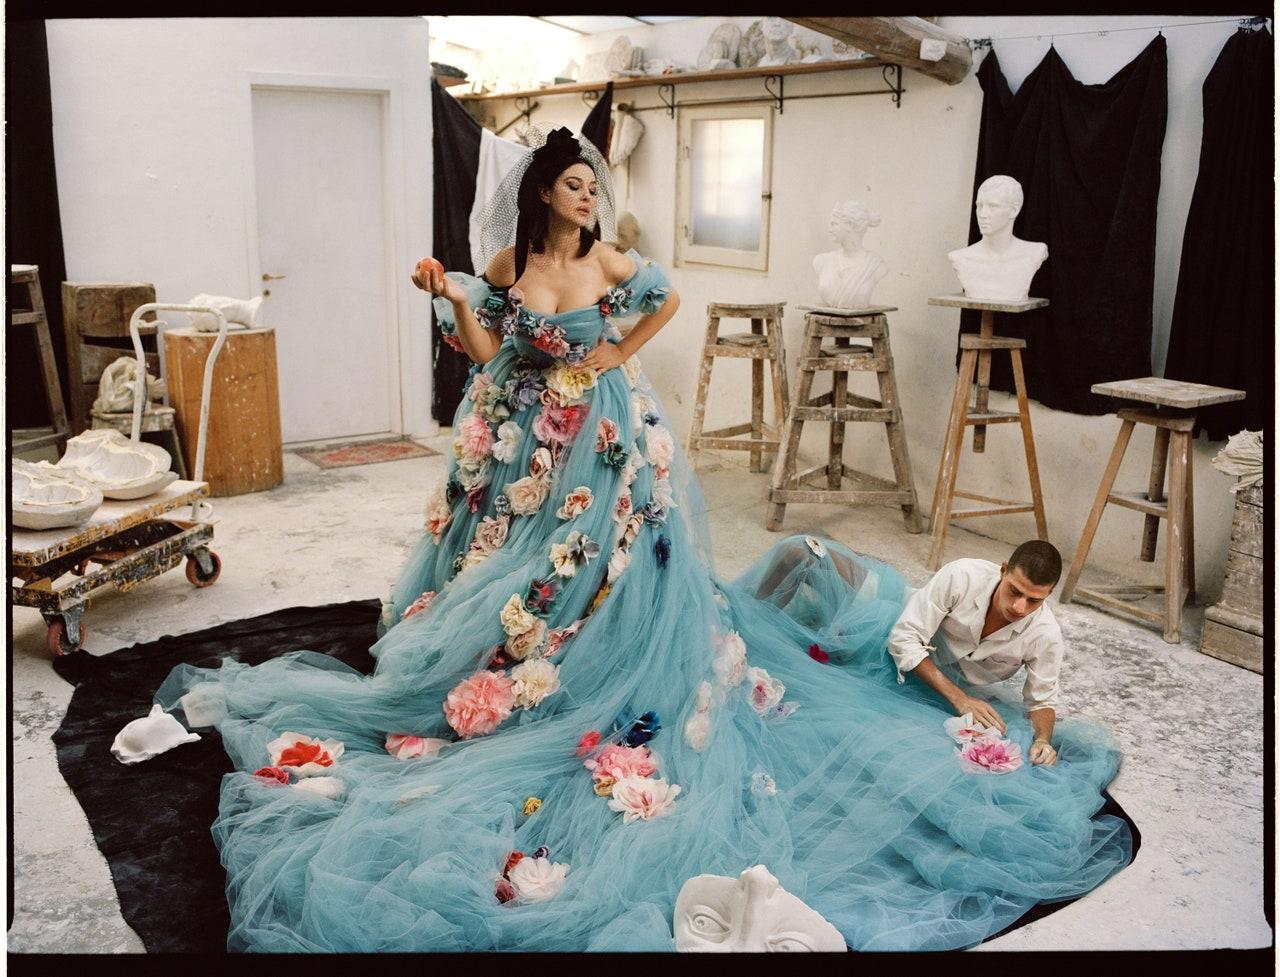 Моника Белучи  Моника в специална сесия, посветена на колекцията Висша мода на Dolce&Gabbana. Eдна дума за тази визия - божествена.